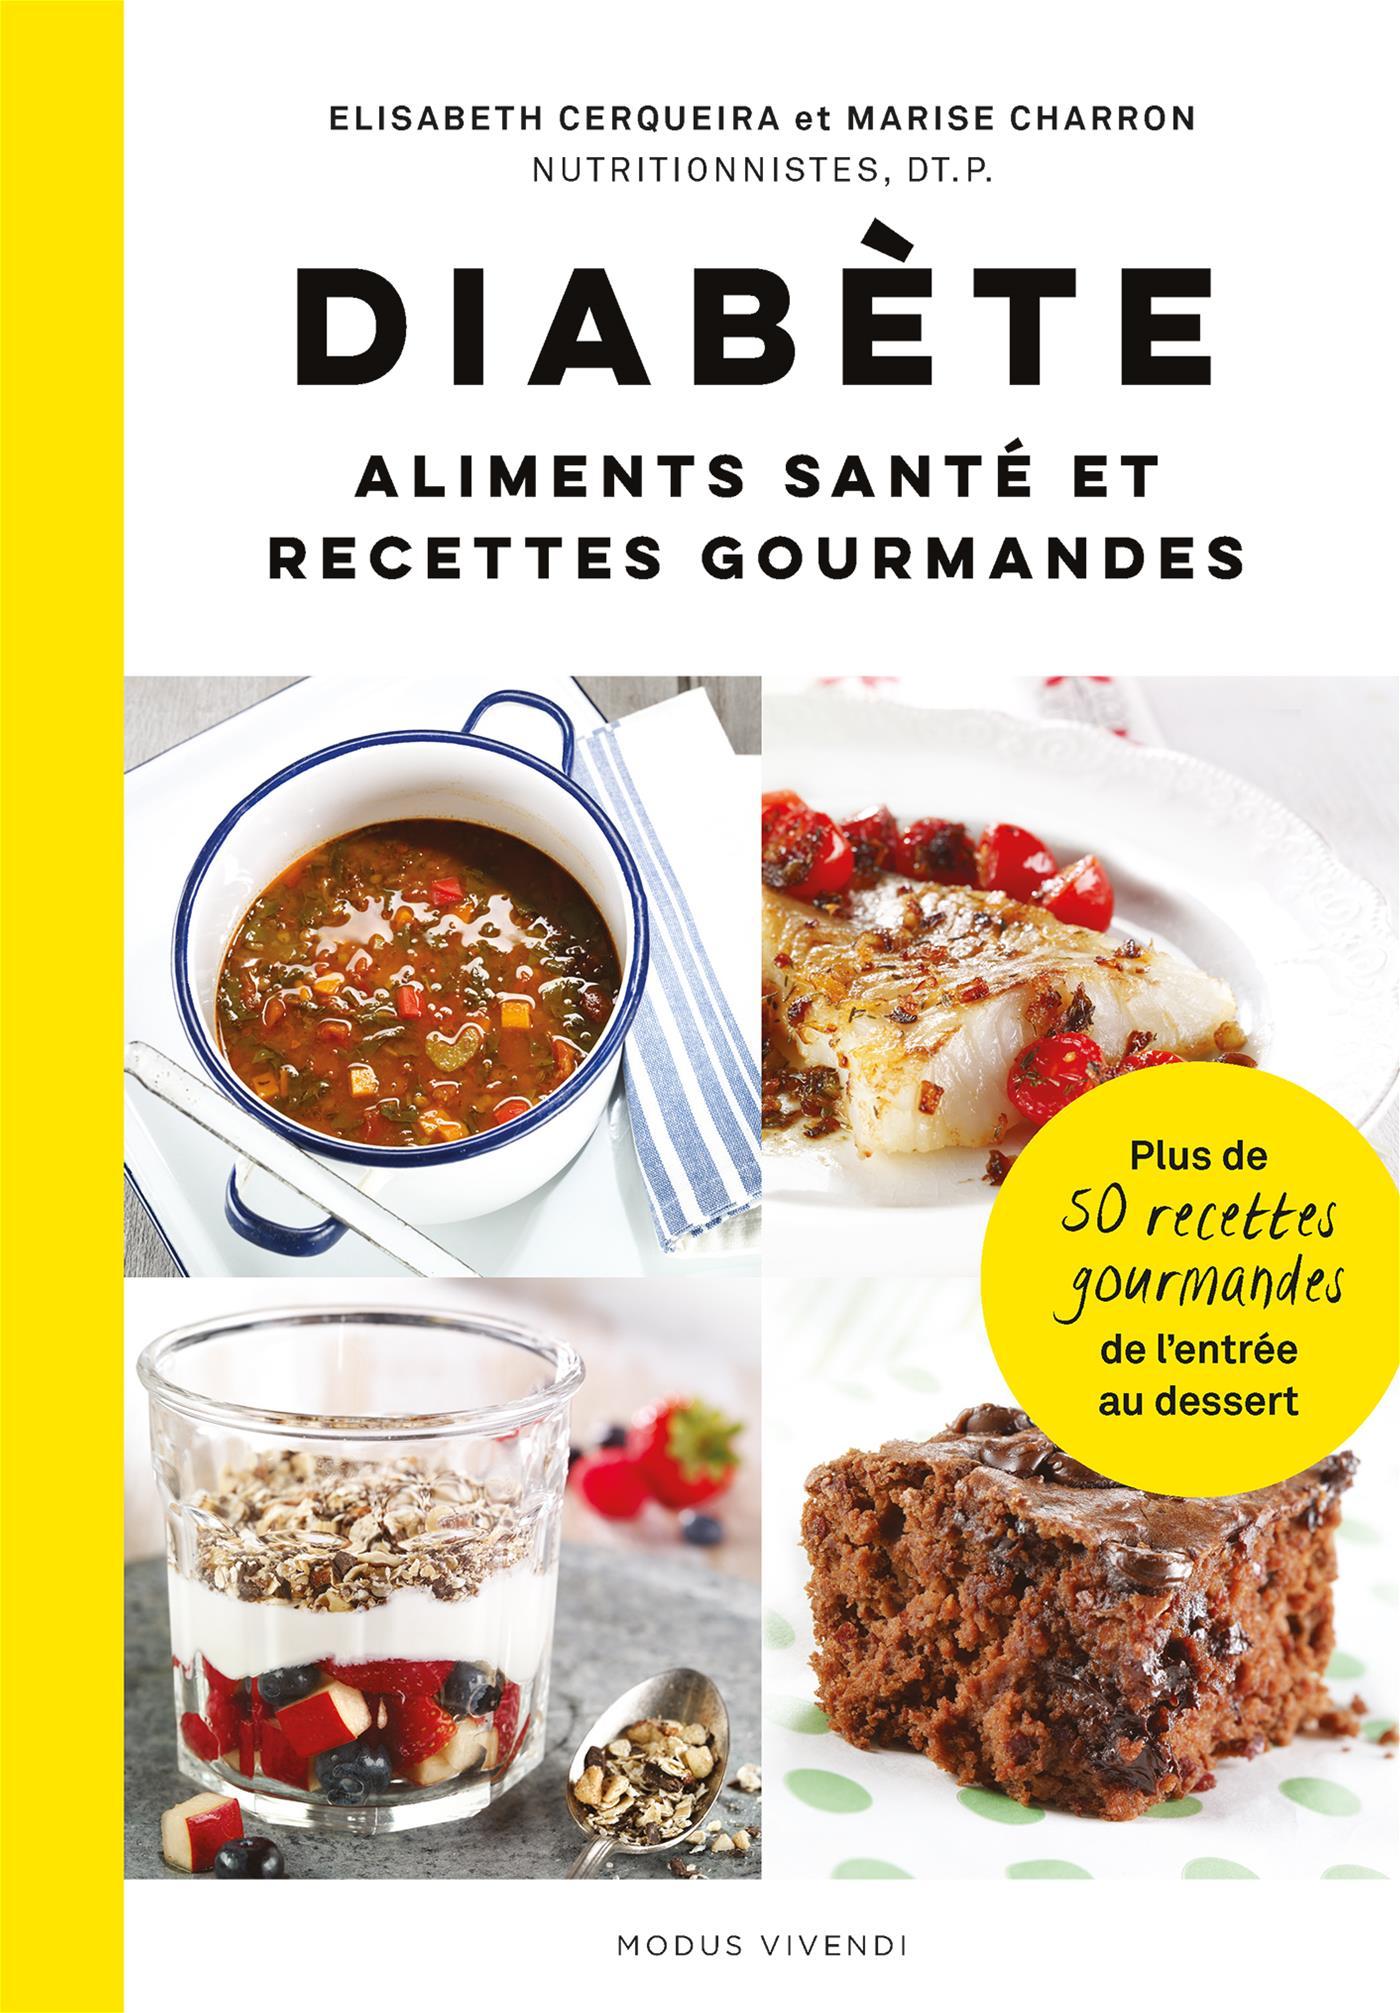 Diabète: aliments santé et recettes gourmandes